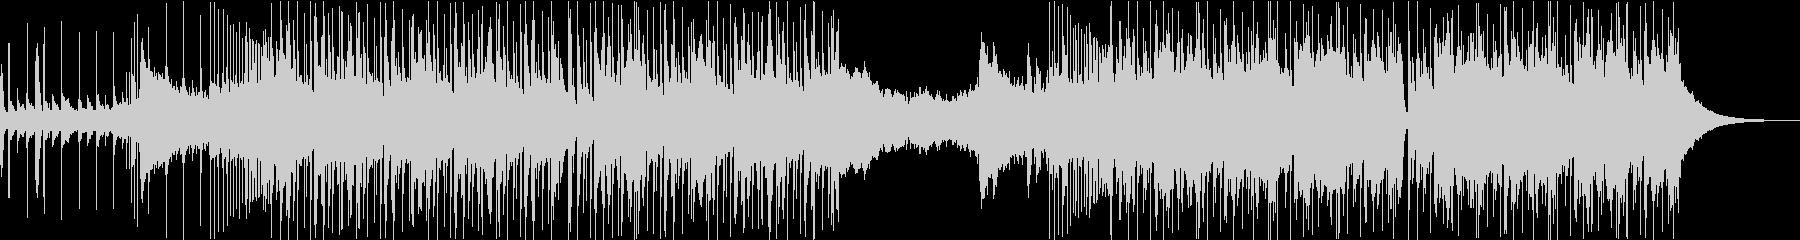 トラップ&バイオリンの未再生の波形